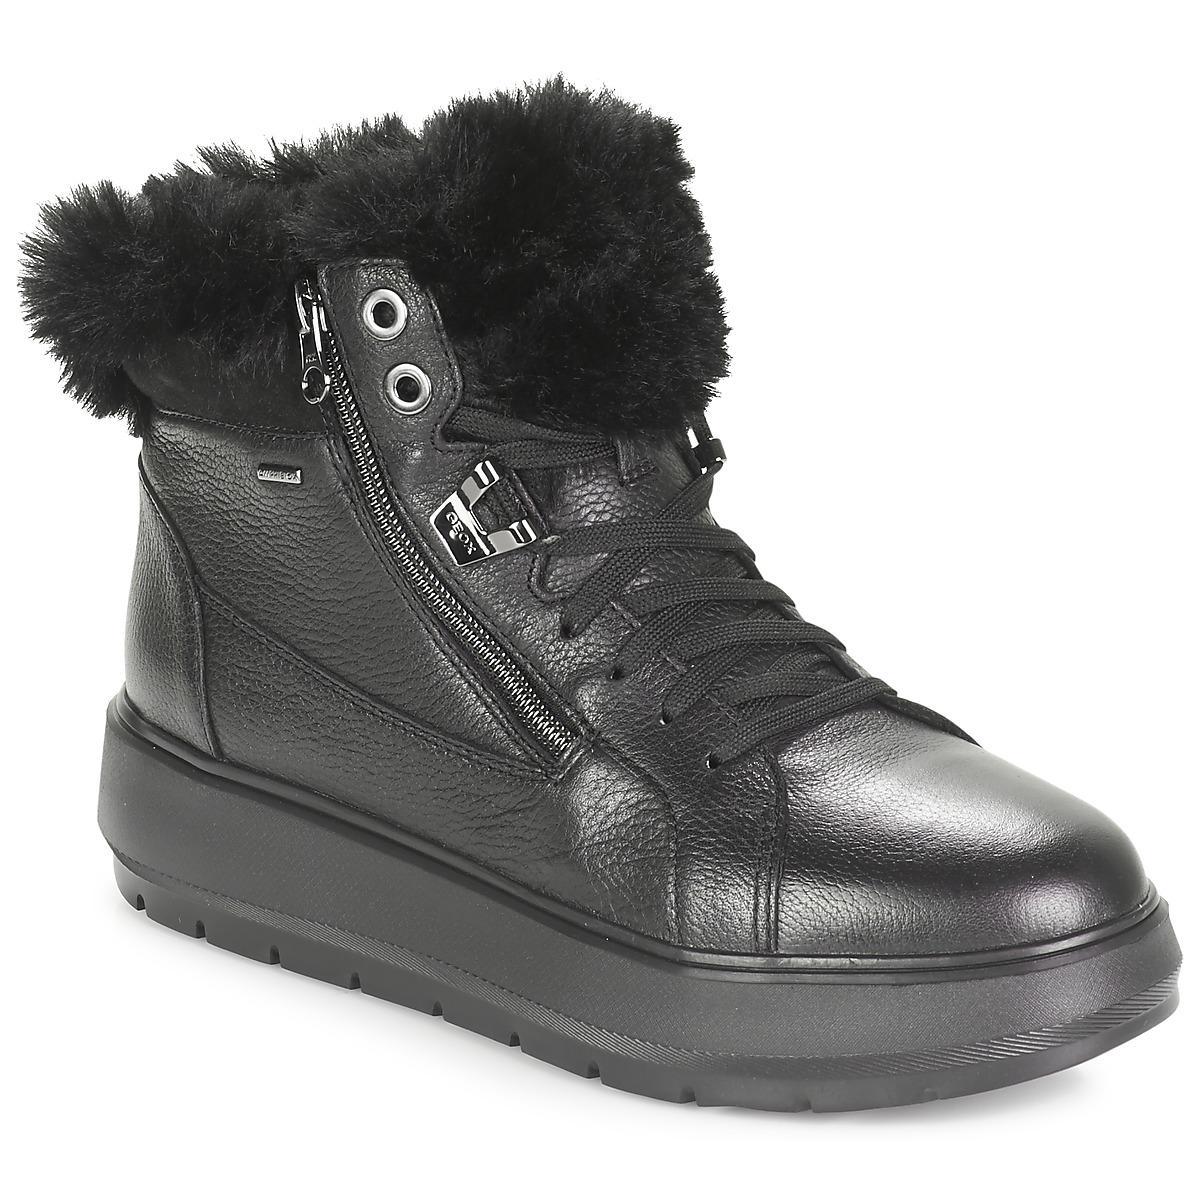 de8252e3421 Geox D Kaula B Abx Women's Mid Boots In Black in Black - Lyst